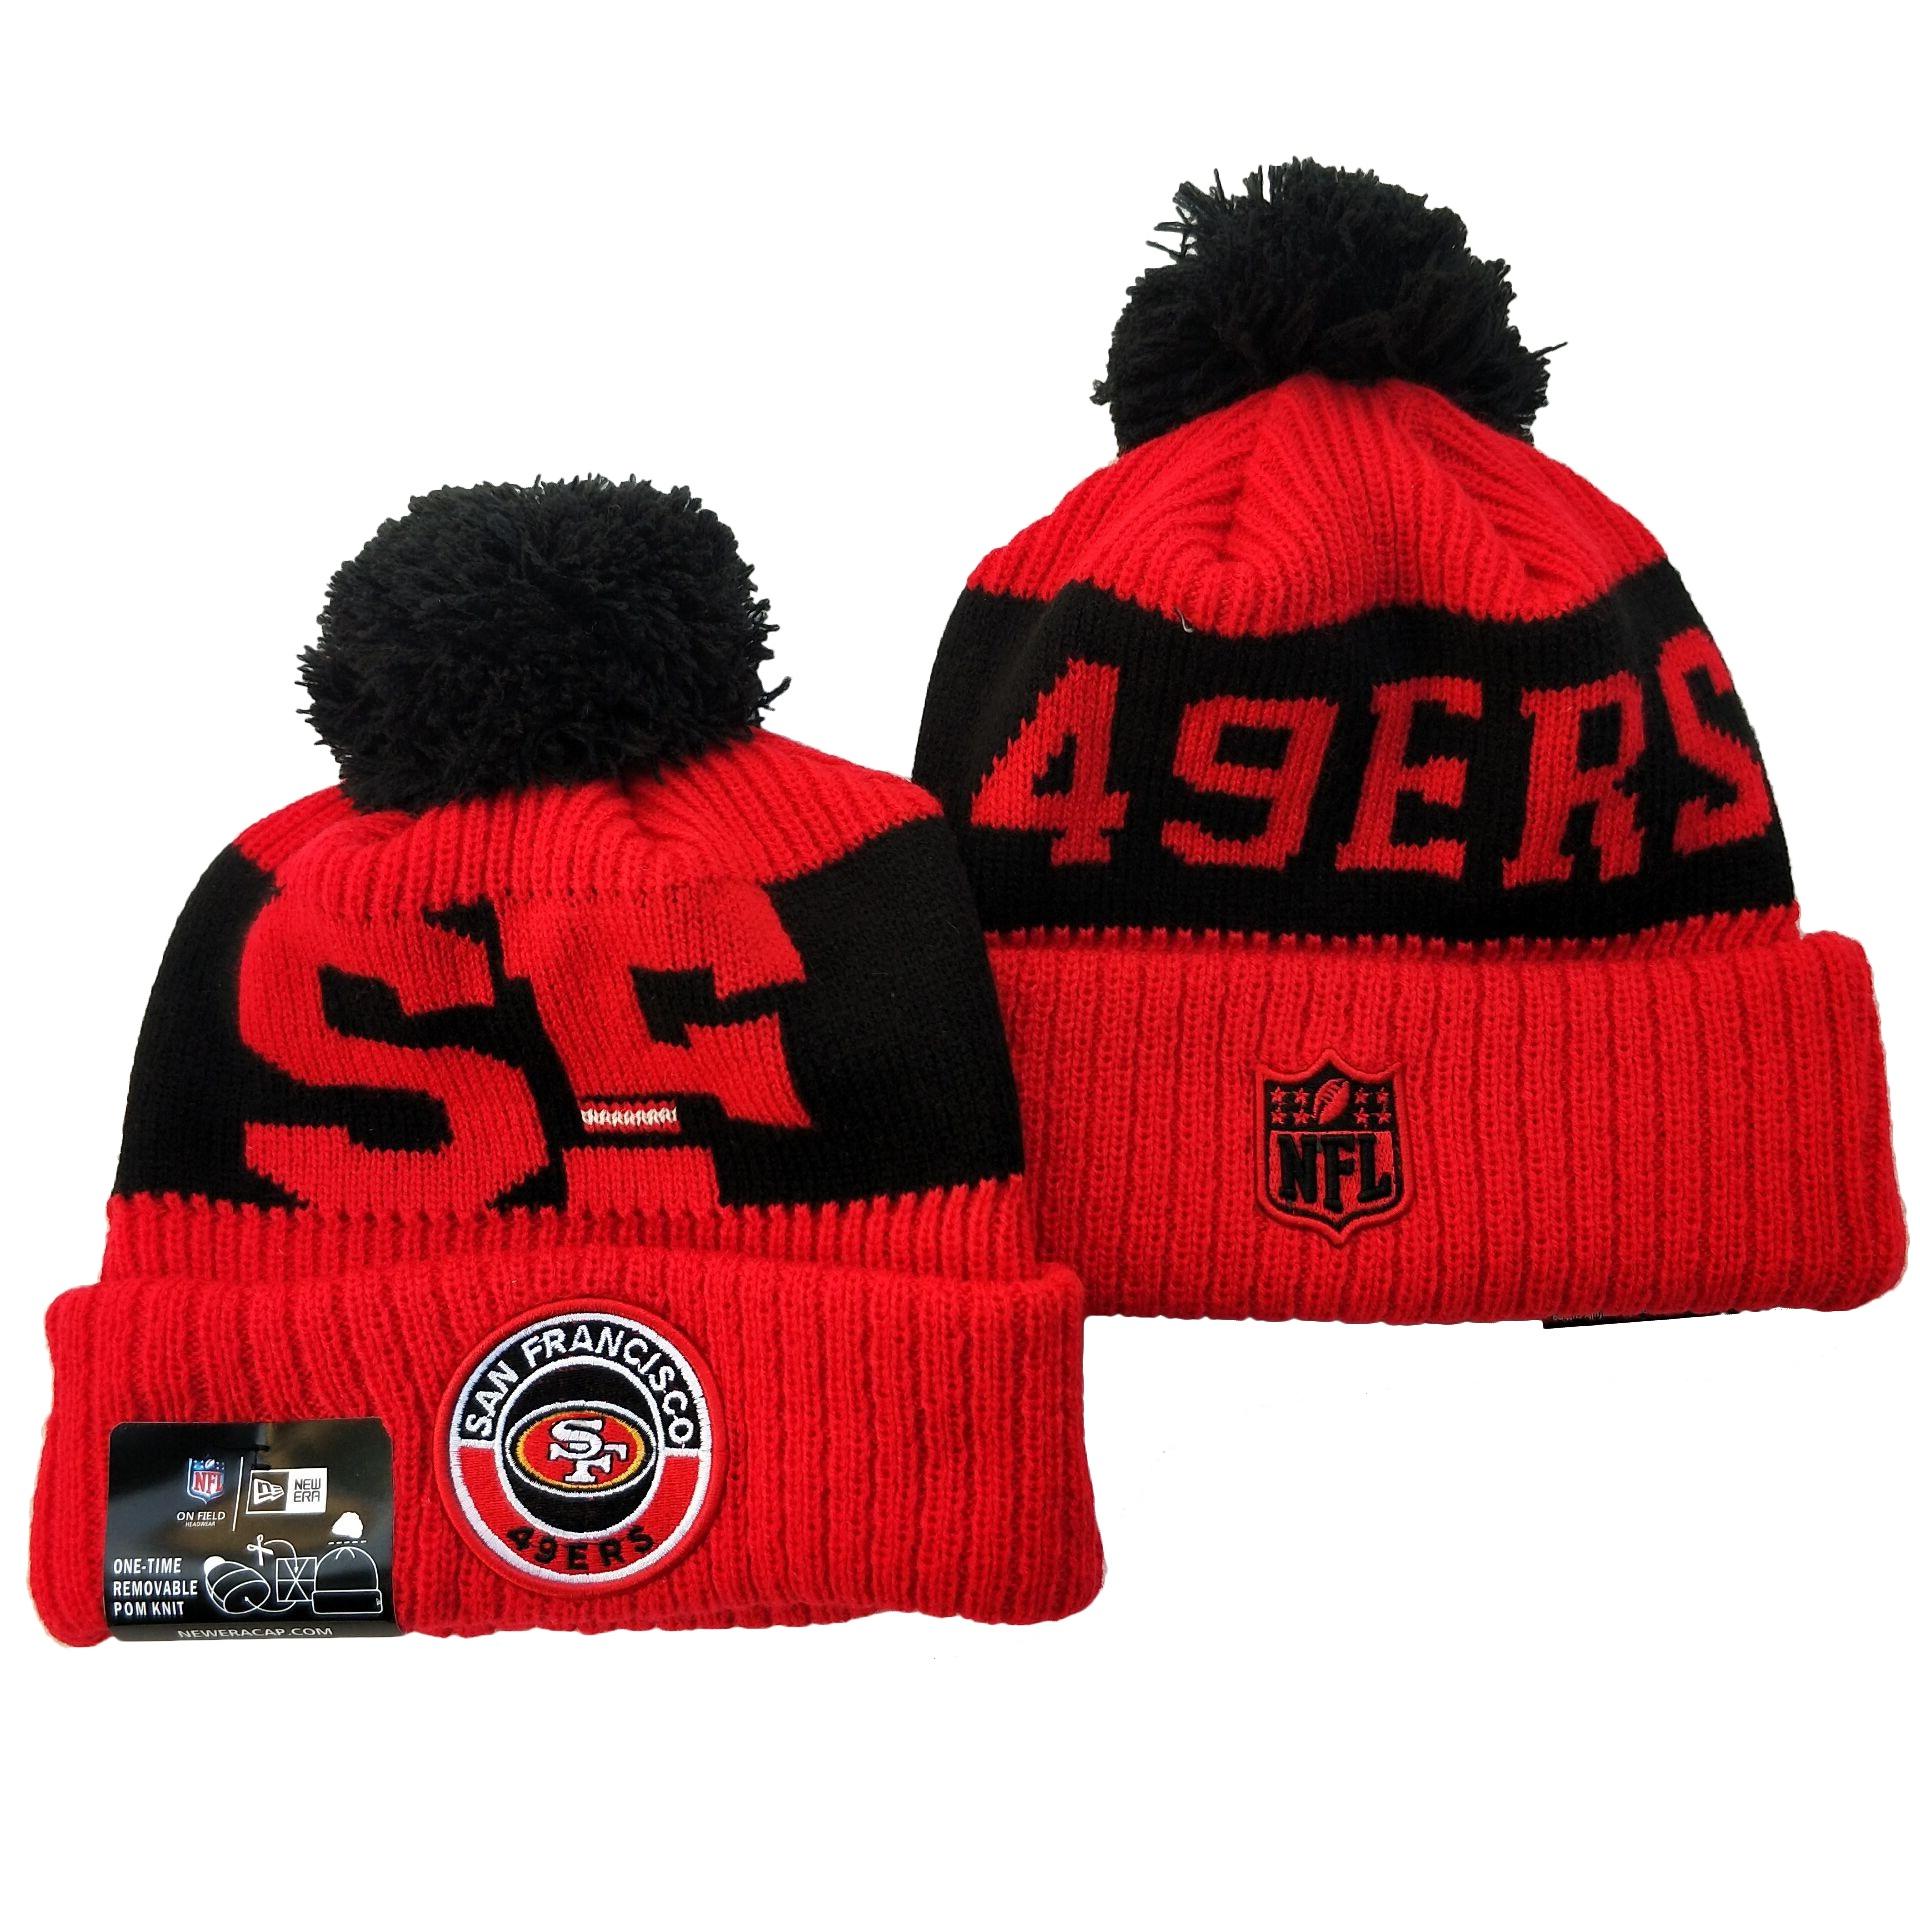 49ers Team Logo Red 2020 NFL Sideline Pom Cuffed Knit Hat YD